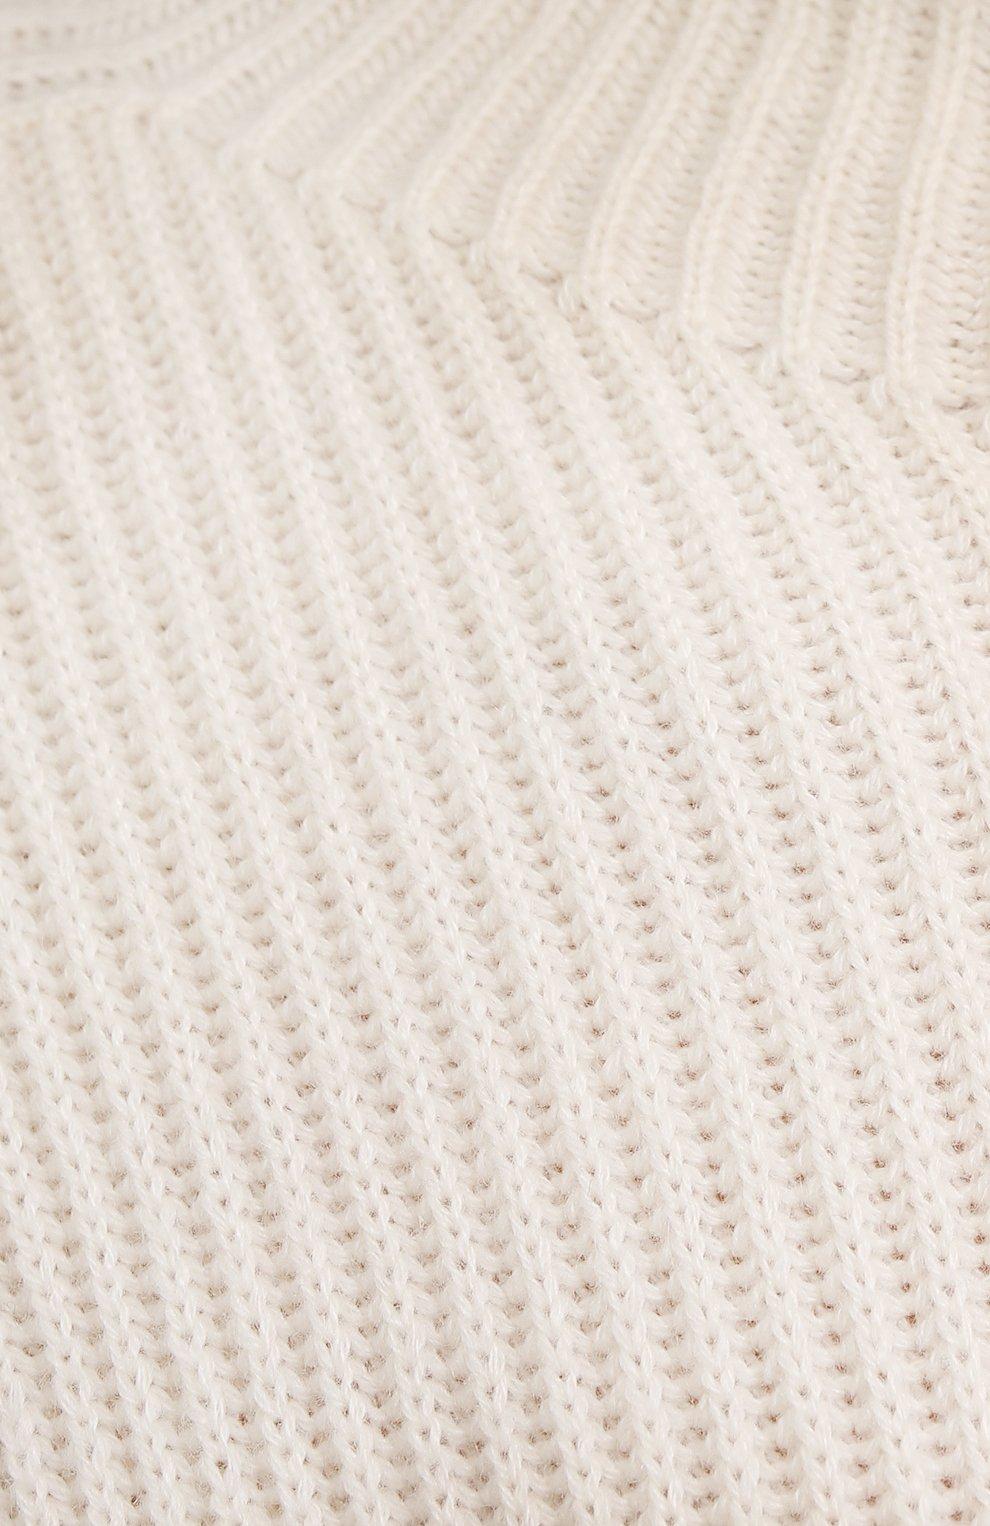 Женское кашемировое платье RALPH LAUREN кремвого цвета, арт. 290856348   Фото 5 (Материал внешний: Шерсть, Кашемир; Рукава: Короткие; Случай: Повседневный; Кросс-КТ: Трикотаж; Длина Ж (юбки, платья, шорты): До колена; Женское Кросс-КТ: Платье-одежда; Стили: Кэжуэл)